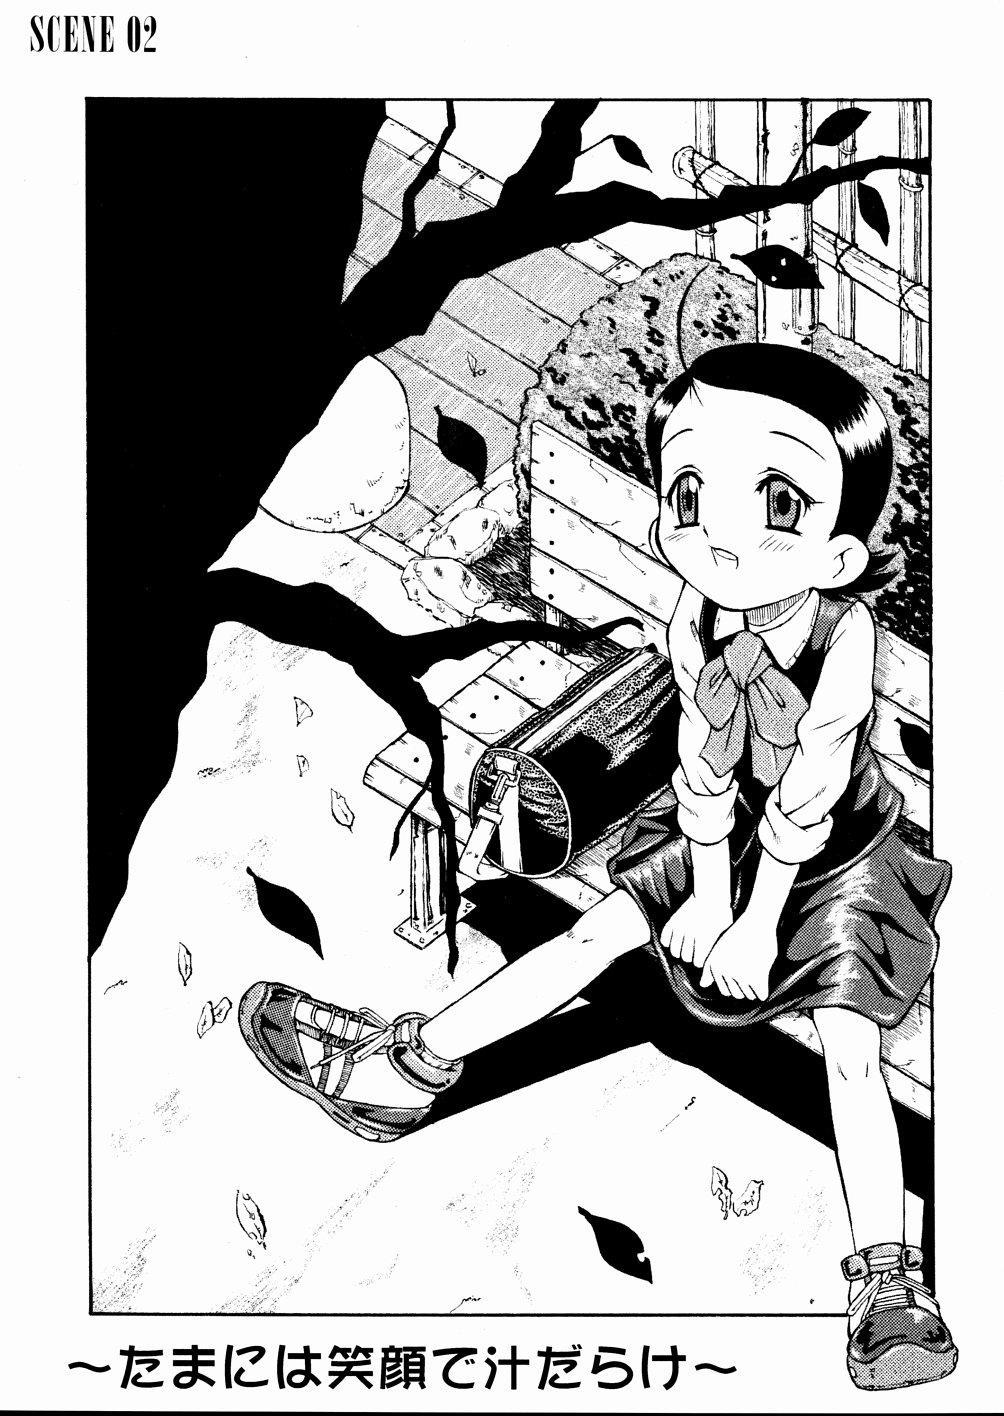 Urabambi Vol. 20 - Adesugata Naniwa Musume 16